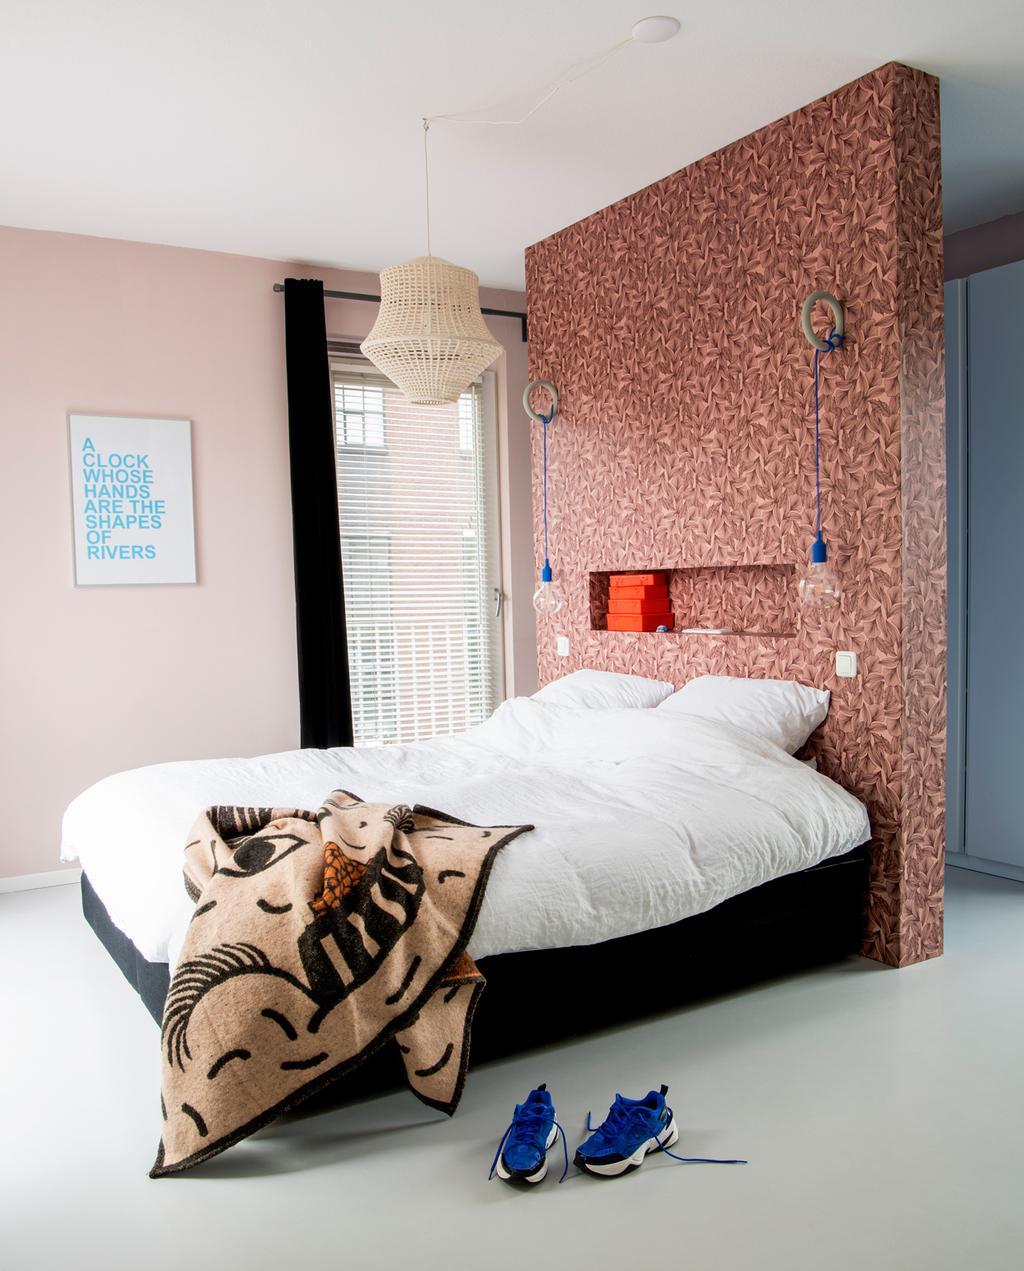 vtwonen binnenkijken special | binnenkijken in een kleurrijk nieuwbouwhuis in Eindhoven slaapkamer masterbedroom